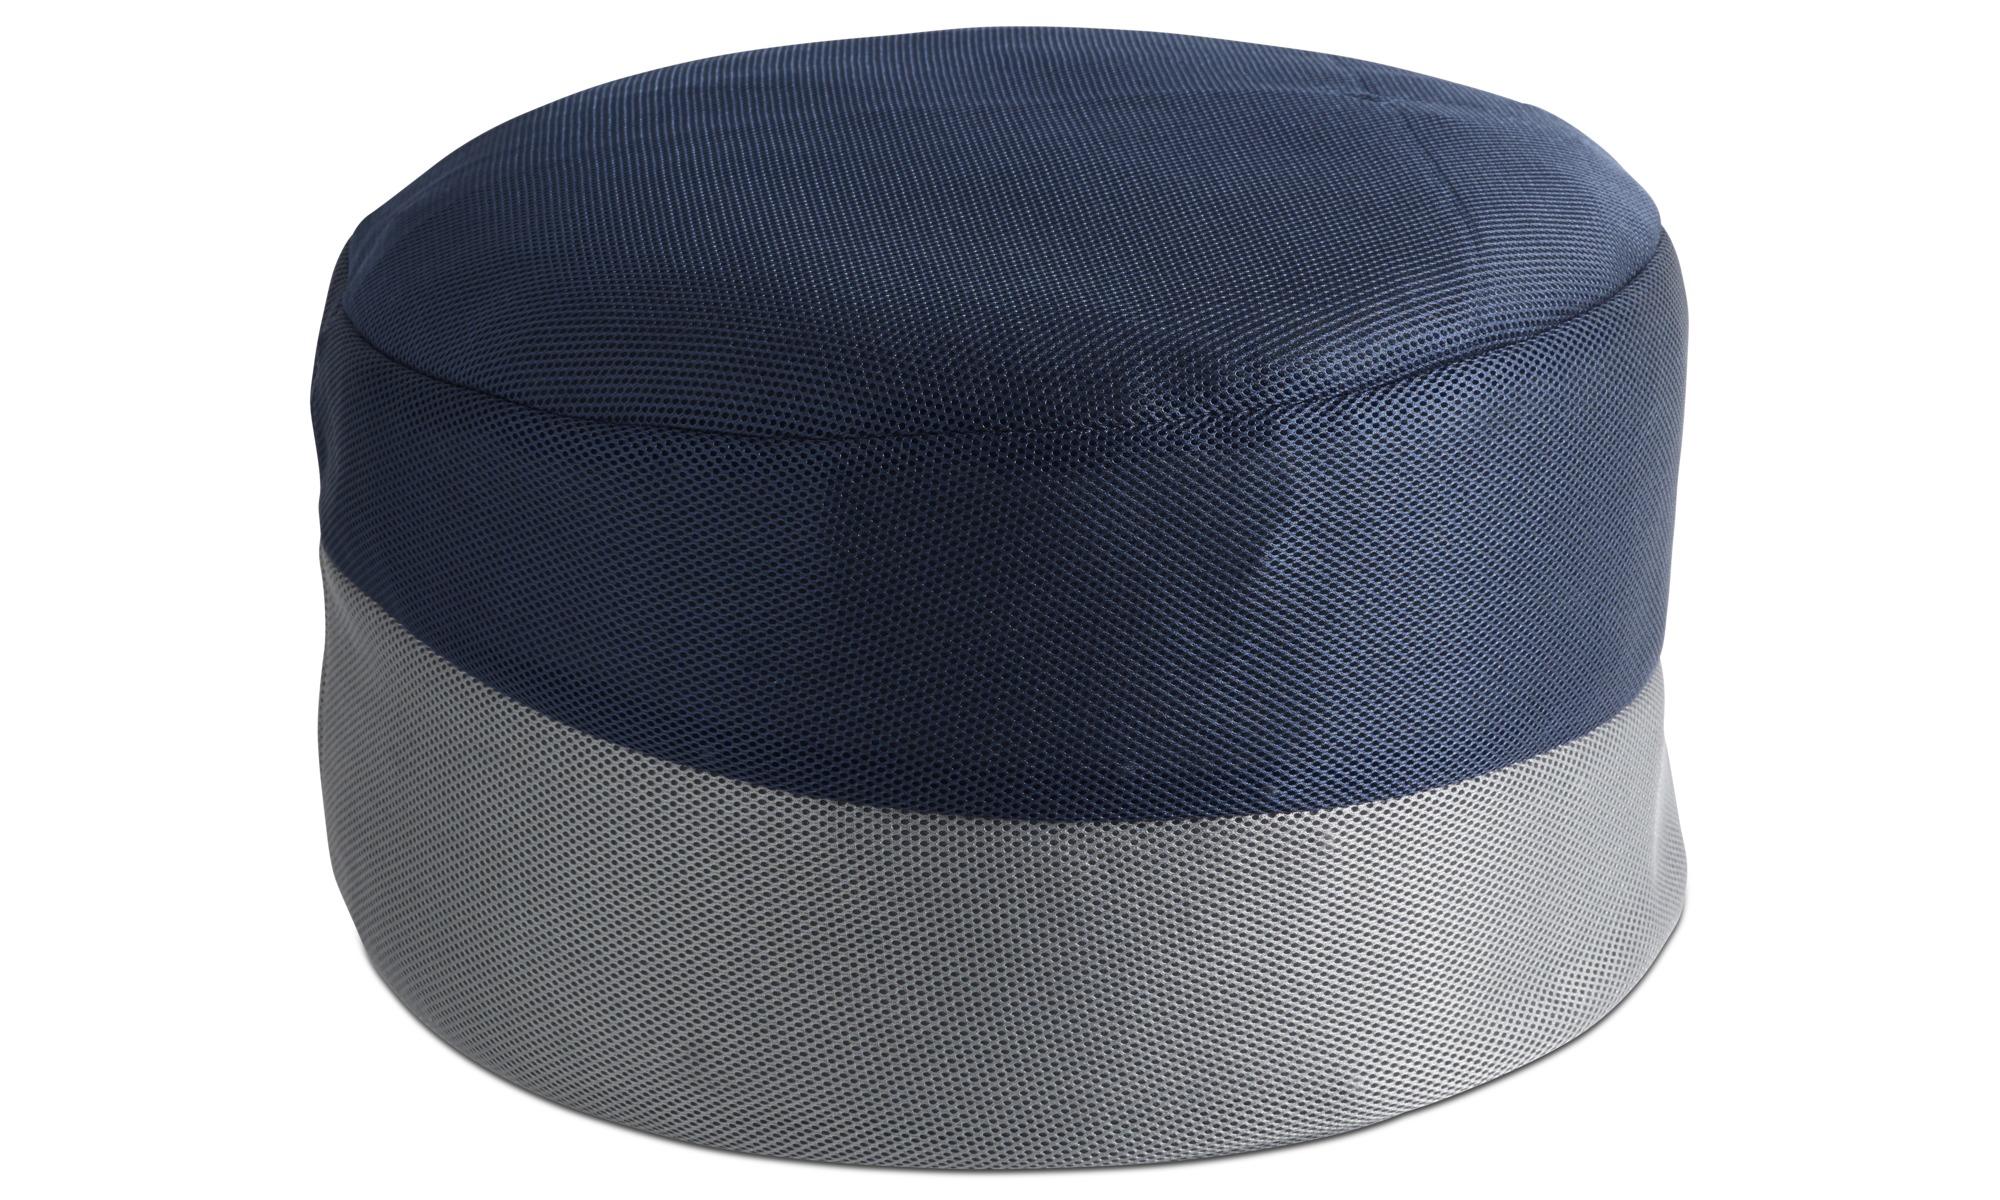 footstools mesh pouf boconcept. Black Bedroom Furniture Sets. Home Design Ideas